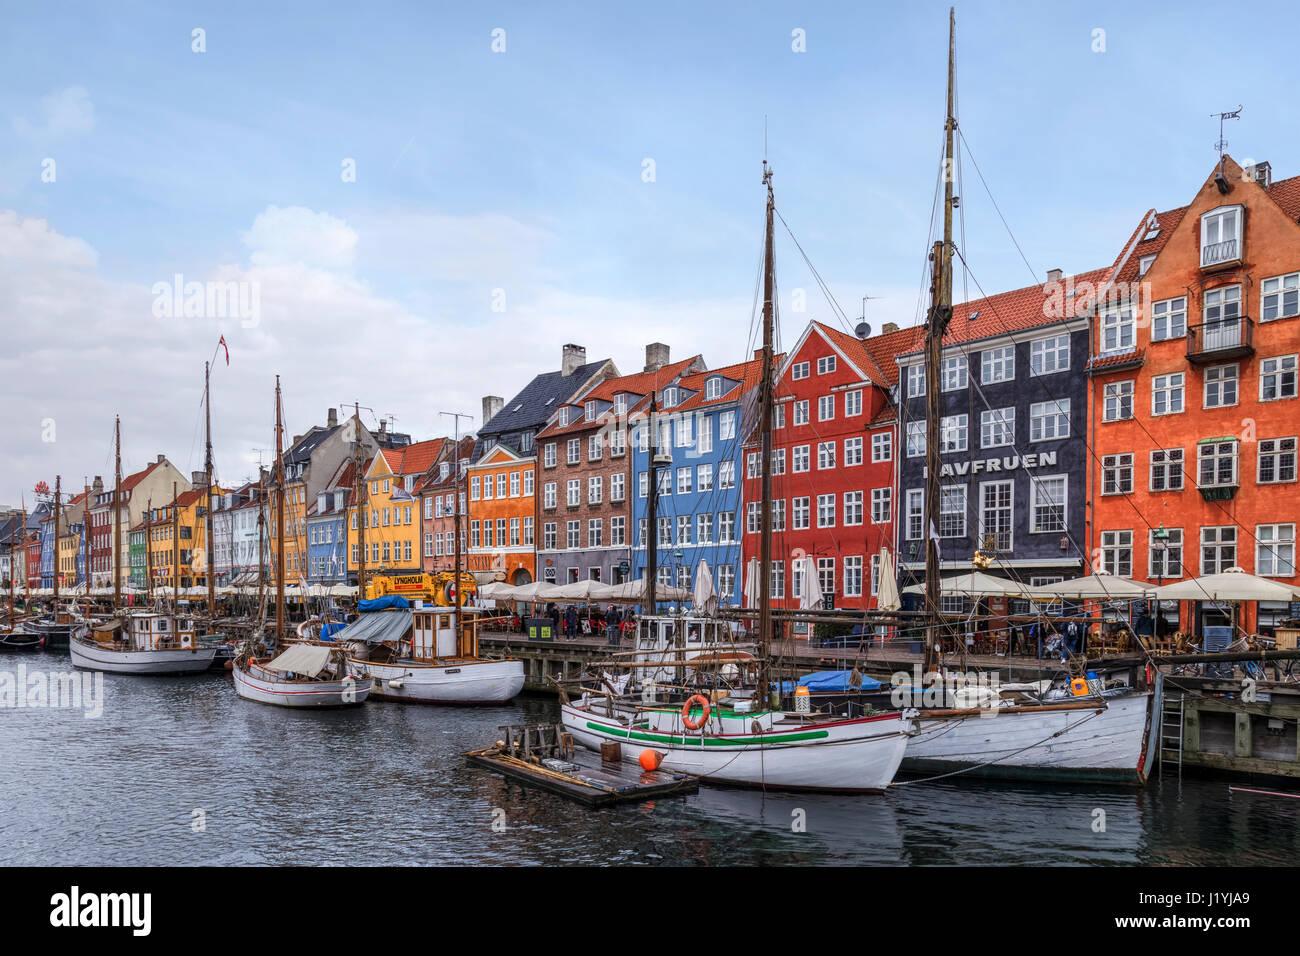 Nyhavn, Kopenhagen, Dänemark, Scandinavia Stockfoto